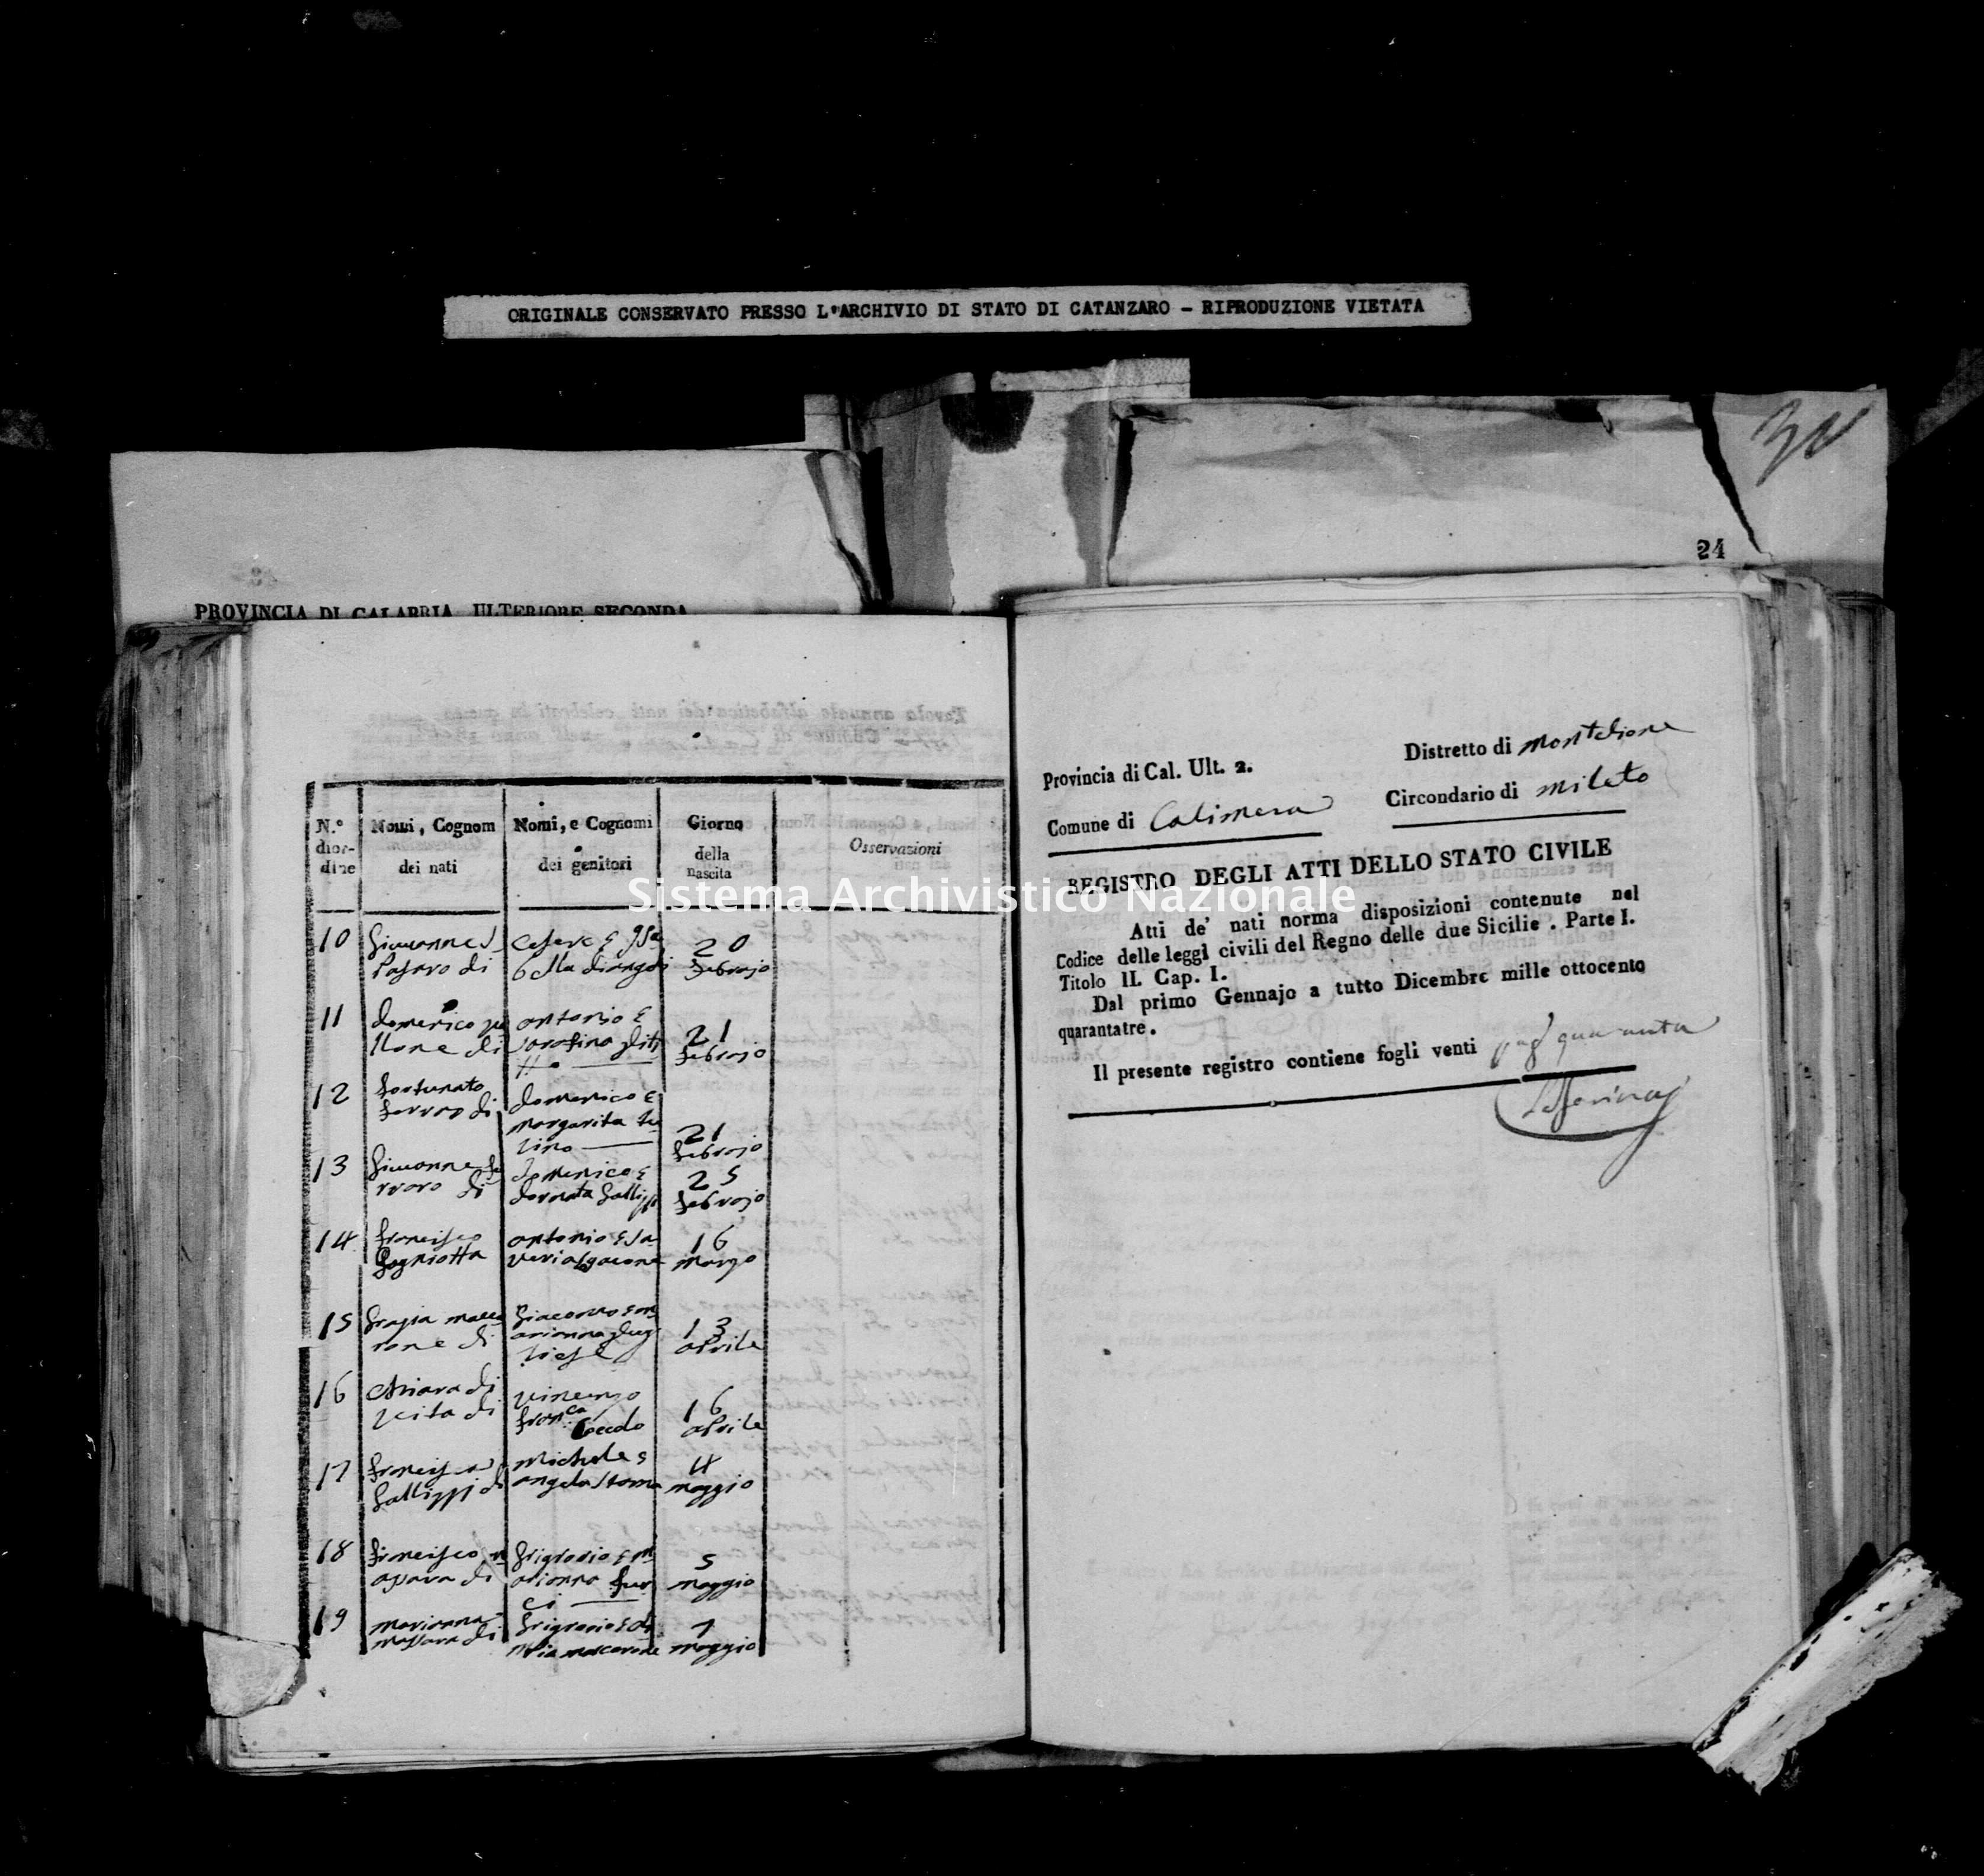 Archivio di stato di Catanzaro - Stato civile italiano - Calimera - Nati - 22/08/1843-26/12/1843 -